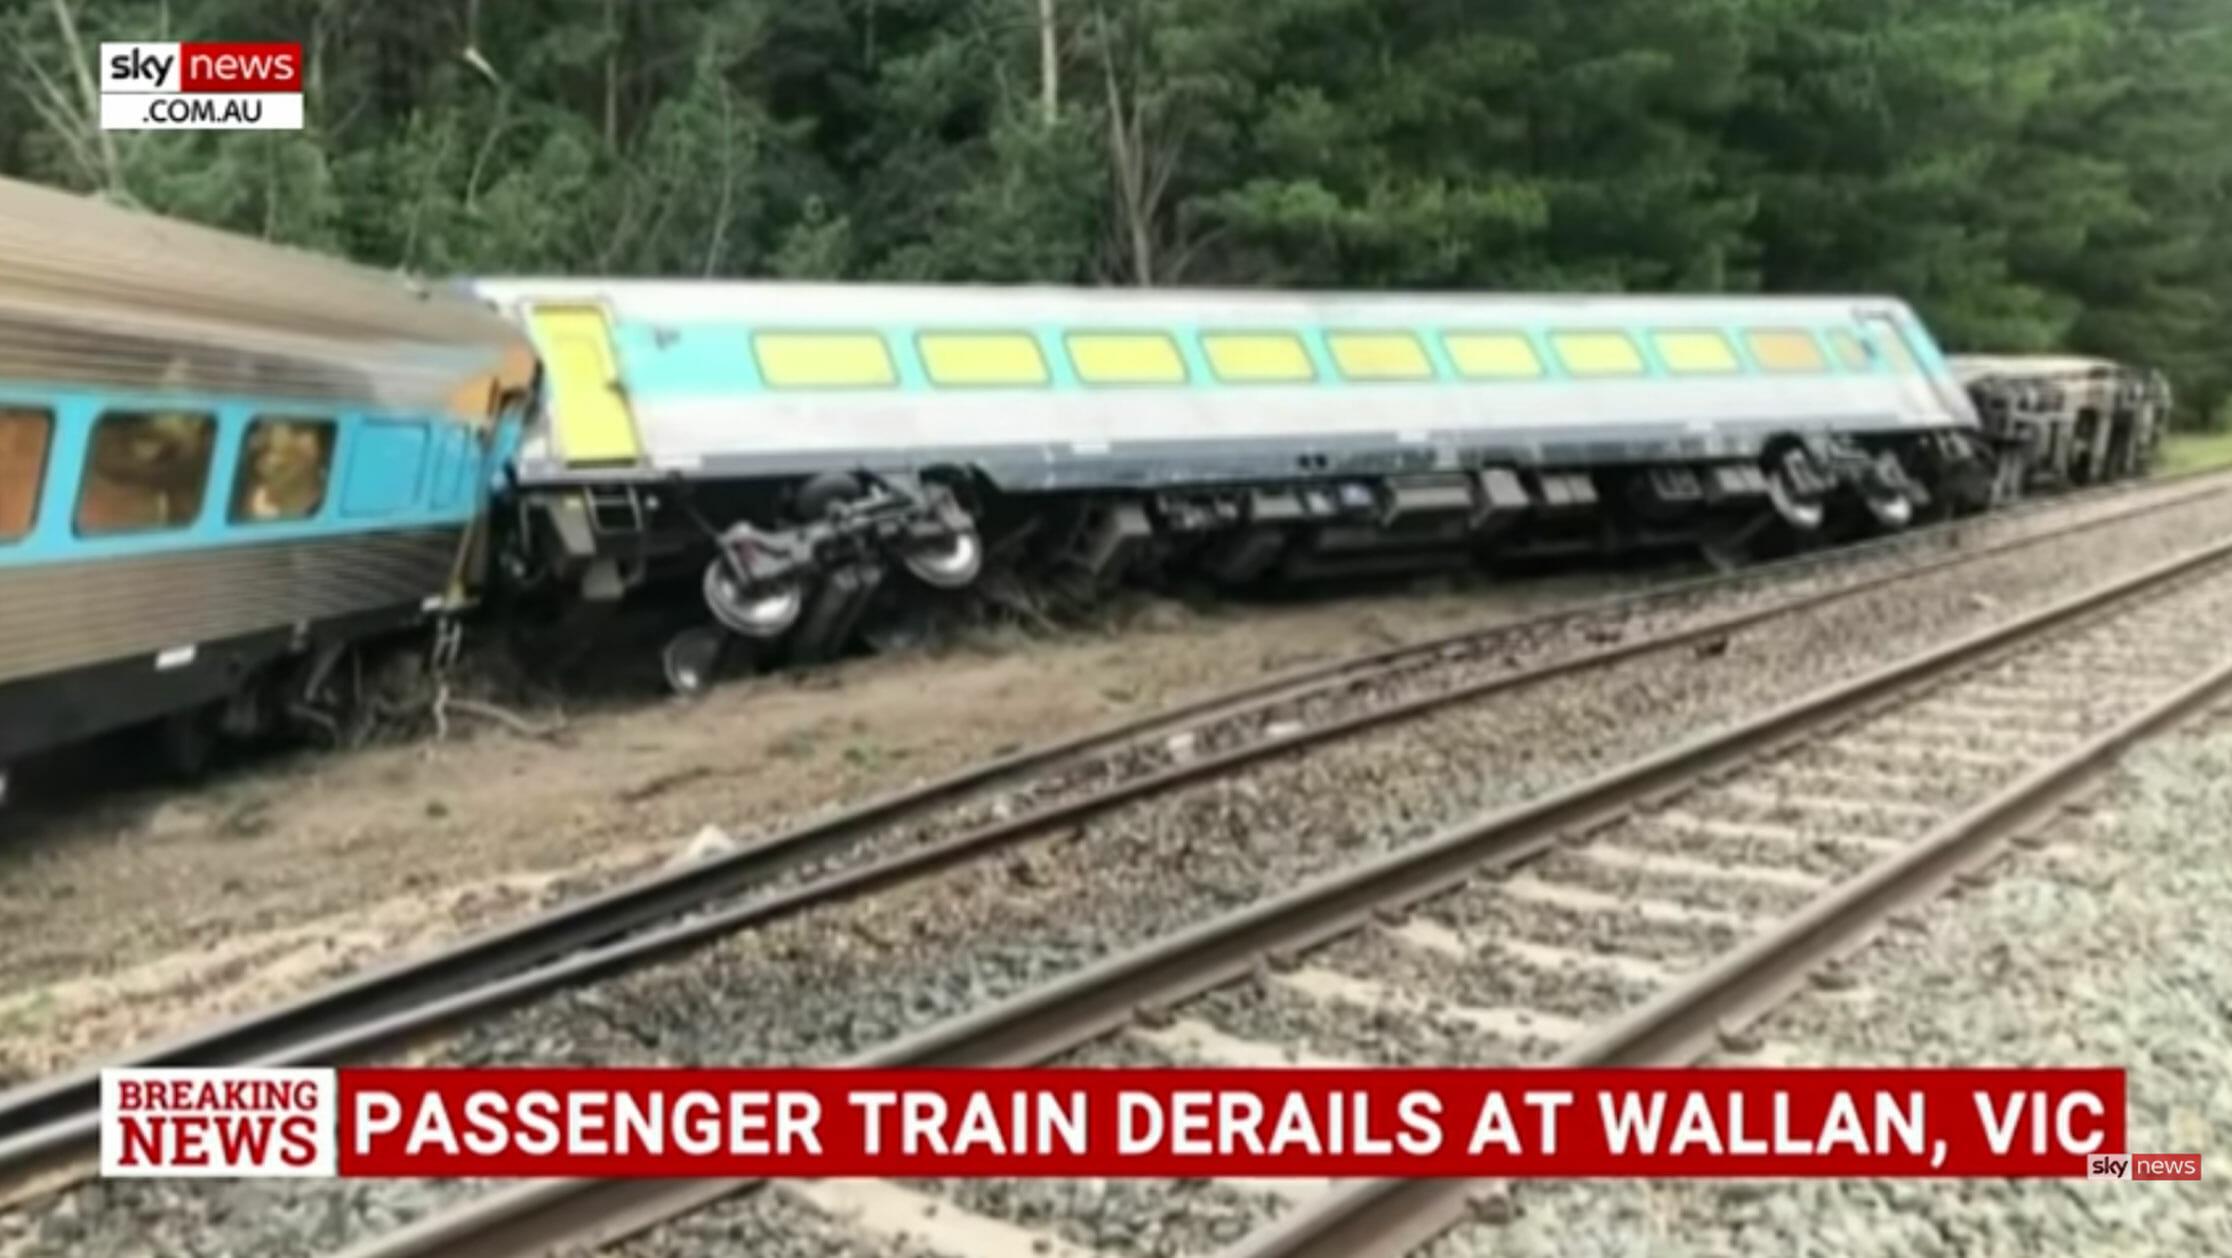 Αυστραλία: Δυο νεκροί σε εκτροχιασμό τρένου